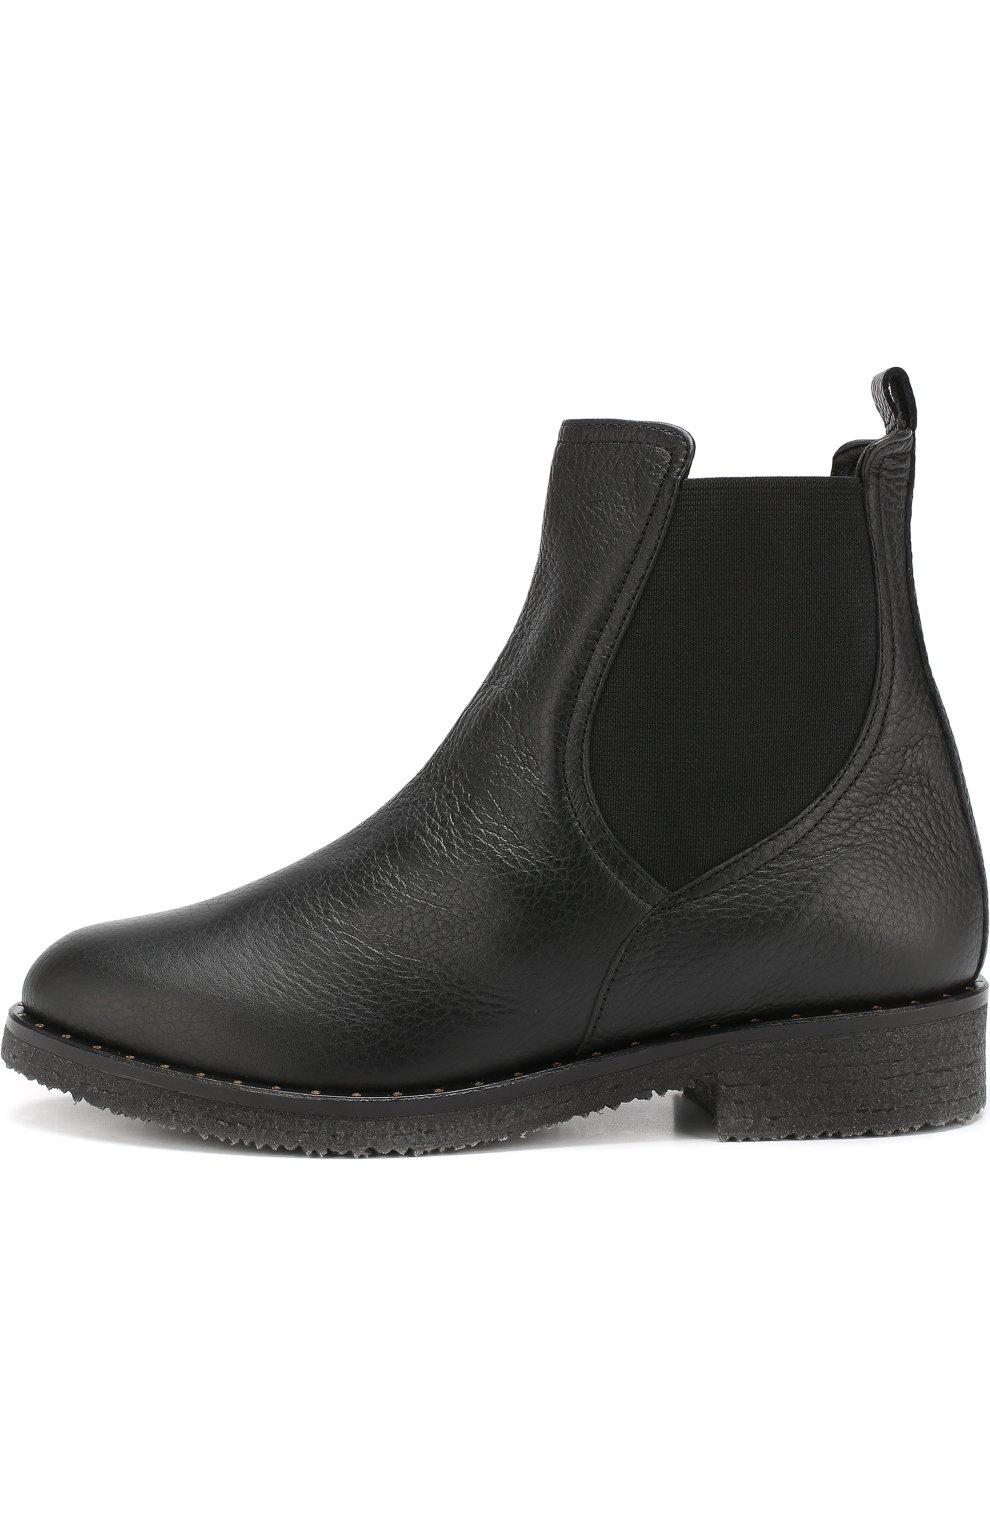 Кожаные  ботинки с внутренней отделкой из овчины Baldan черные | Фото №3